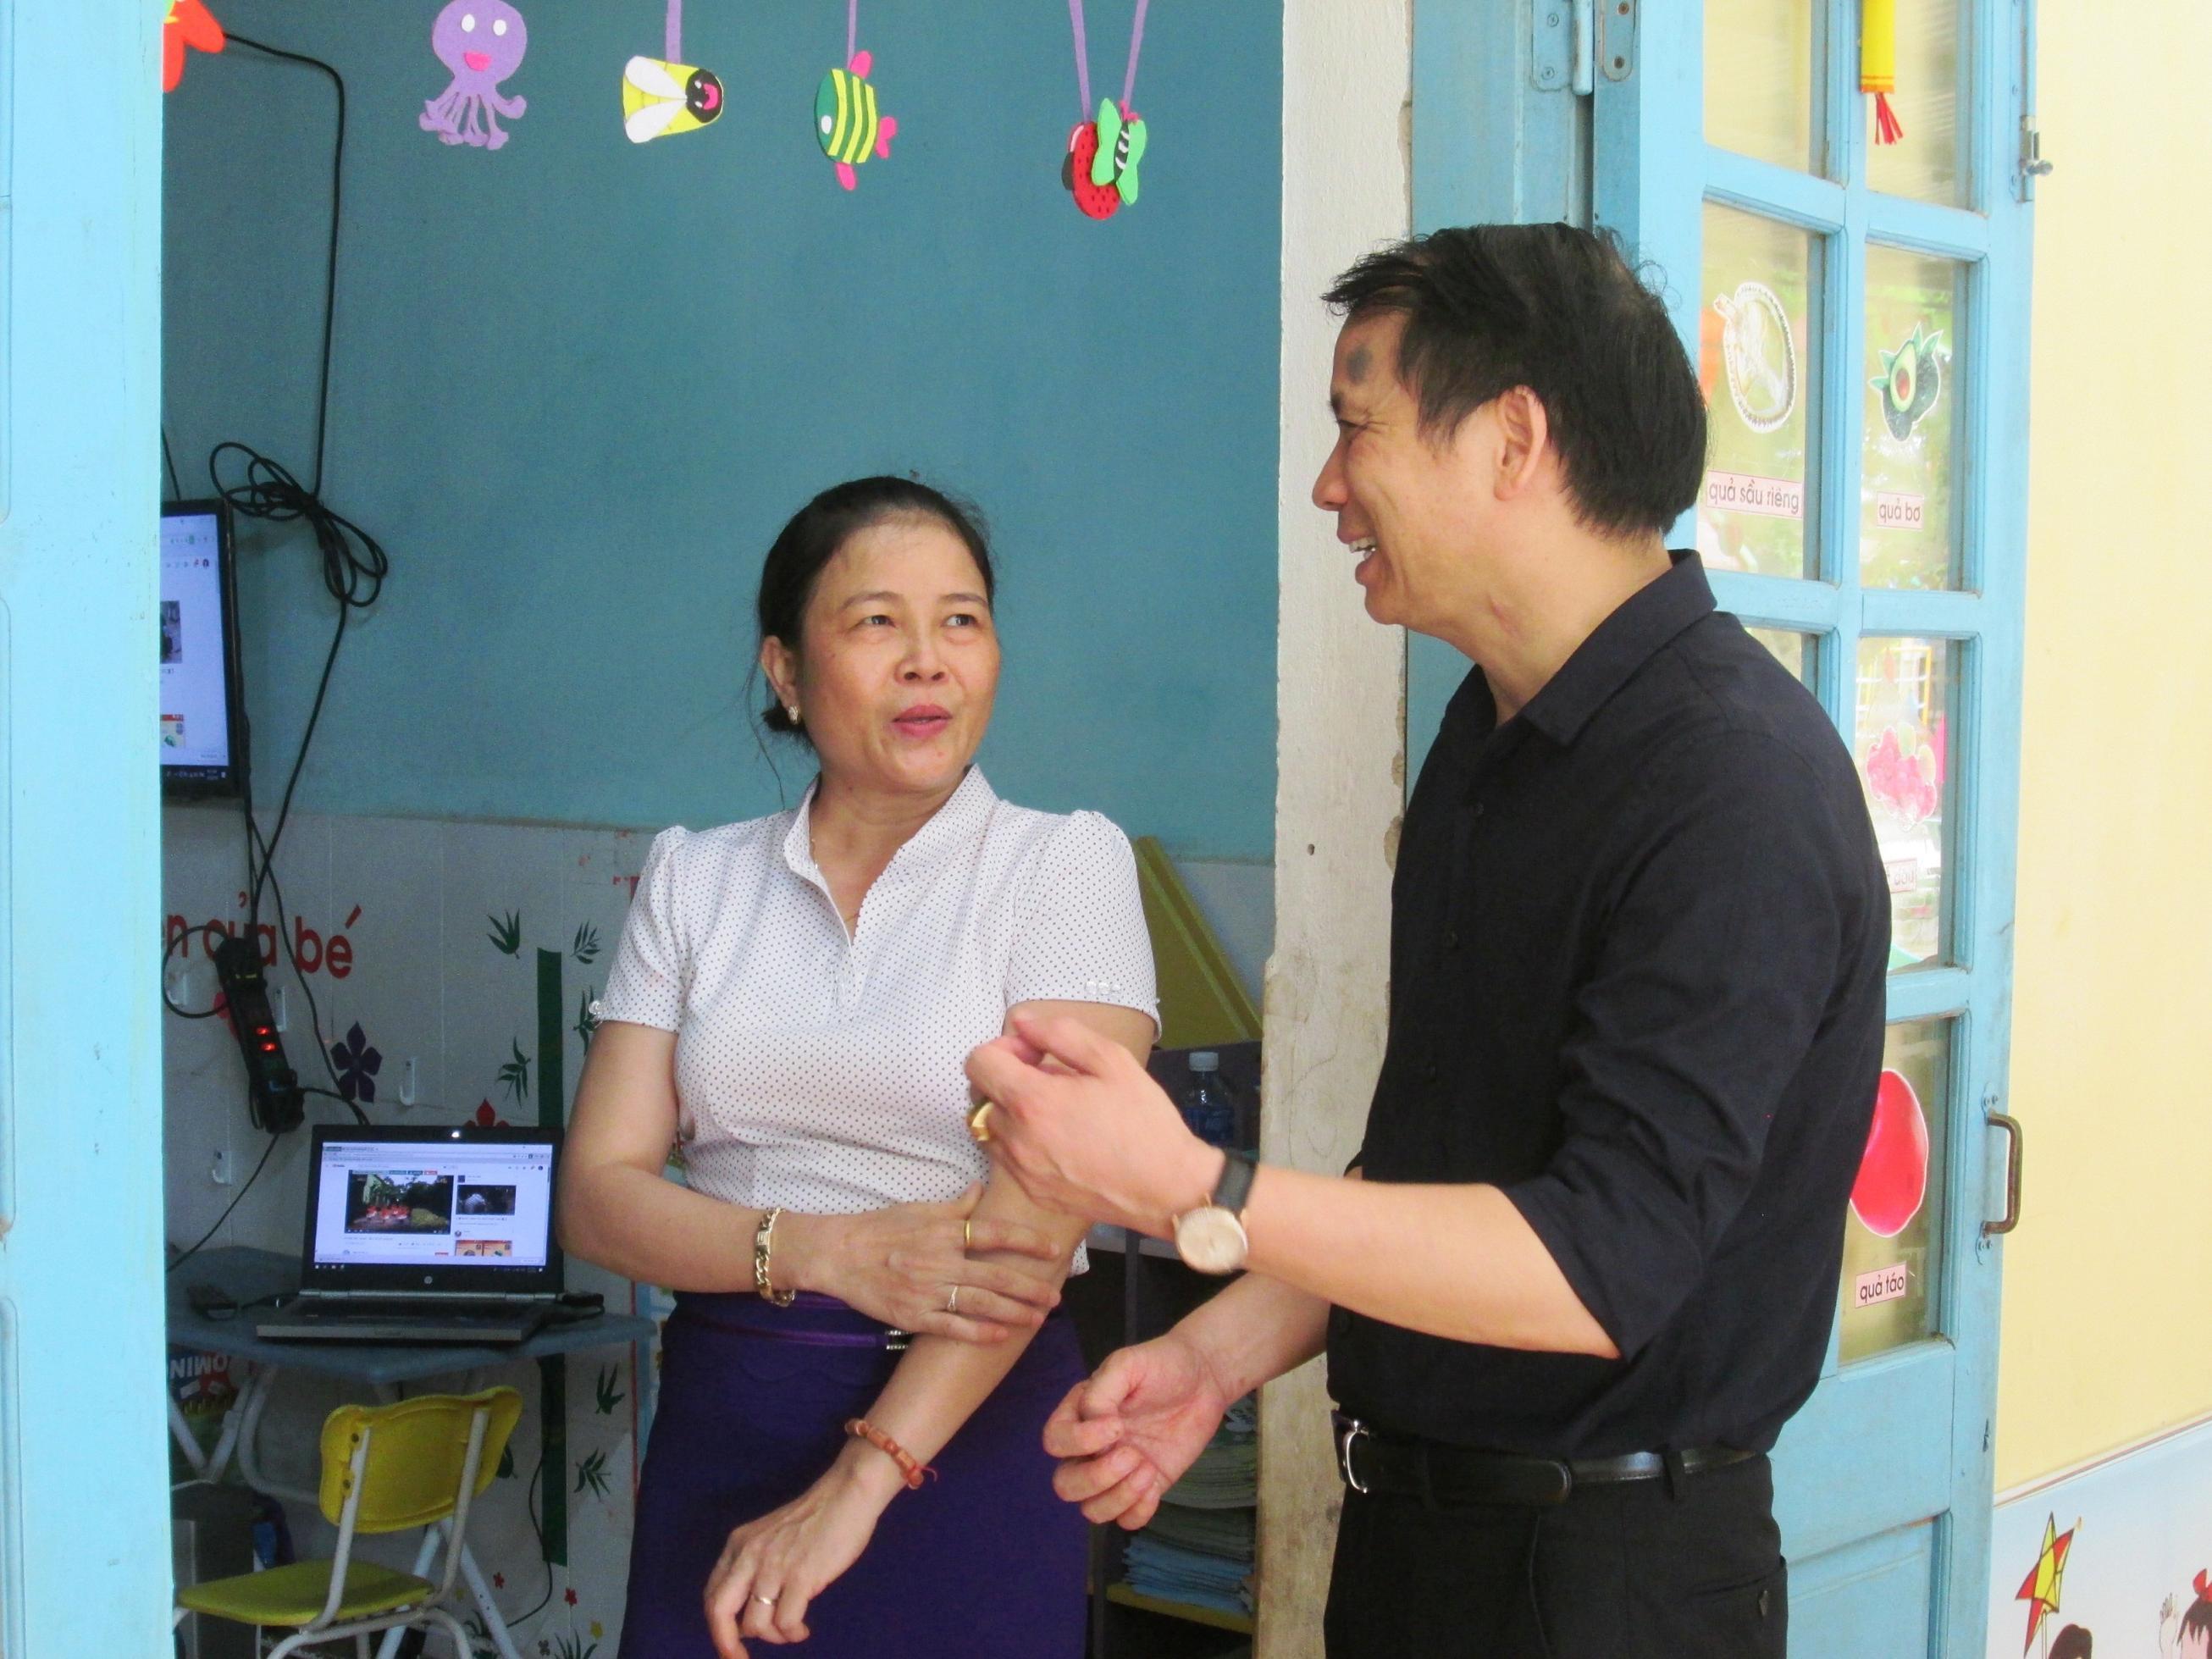 Thứ trưởng Bộ GD-ĐT Phạm Mạnh Hùng trò chuyện với giáo viên Trường Mẫu giáo Tuổi Thơ (xã Tam Thành, huyện Phú Ninh).  Ảnh: VĂN SỰ